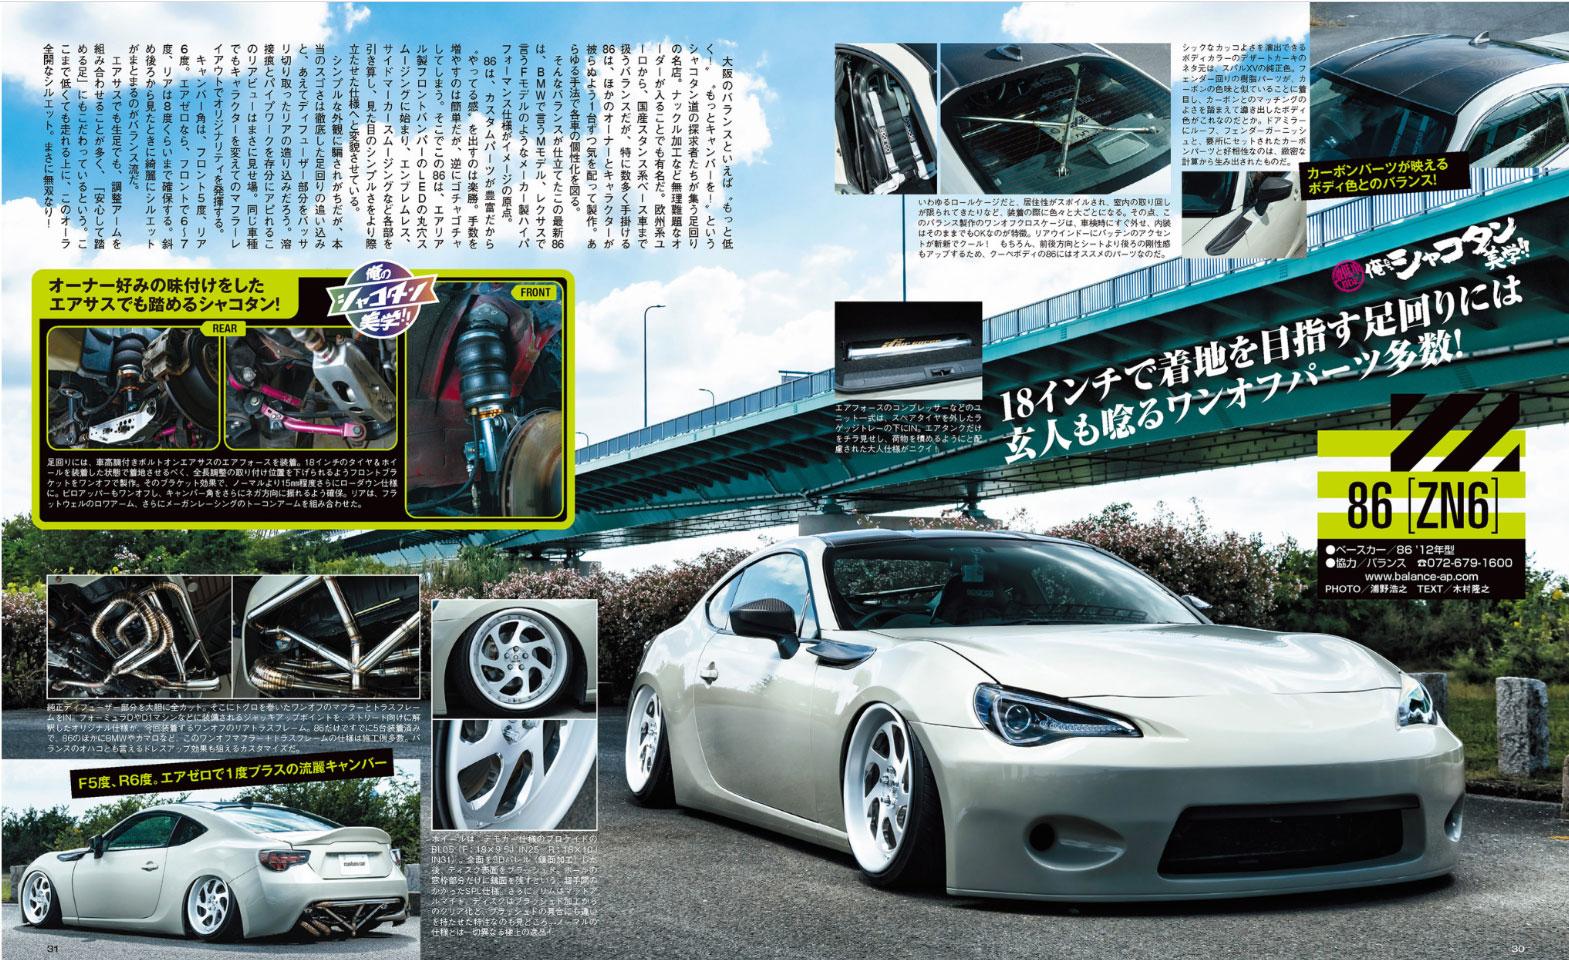 トヨタ TOYOTA 86 ZN6 エアサス BAGGED86 jdm usdm stance